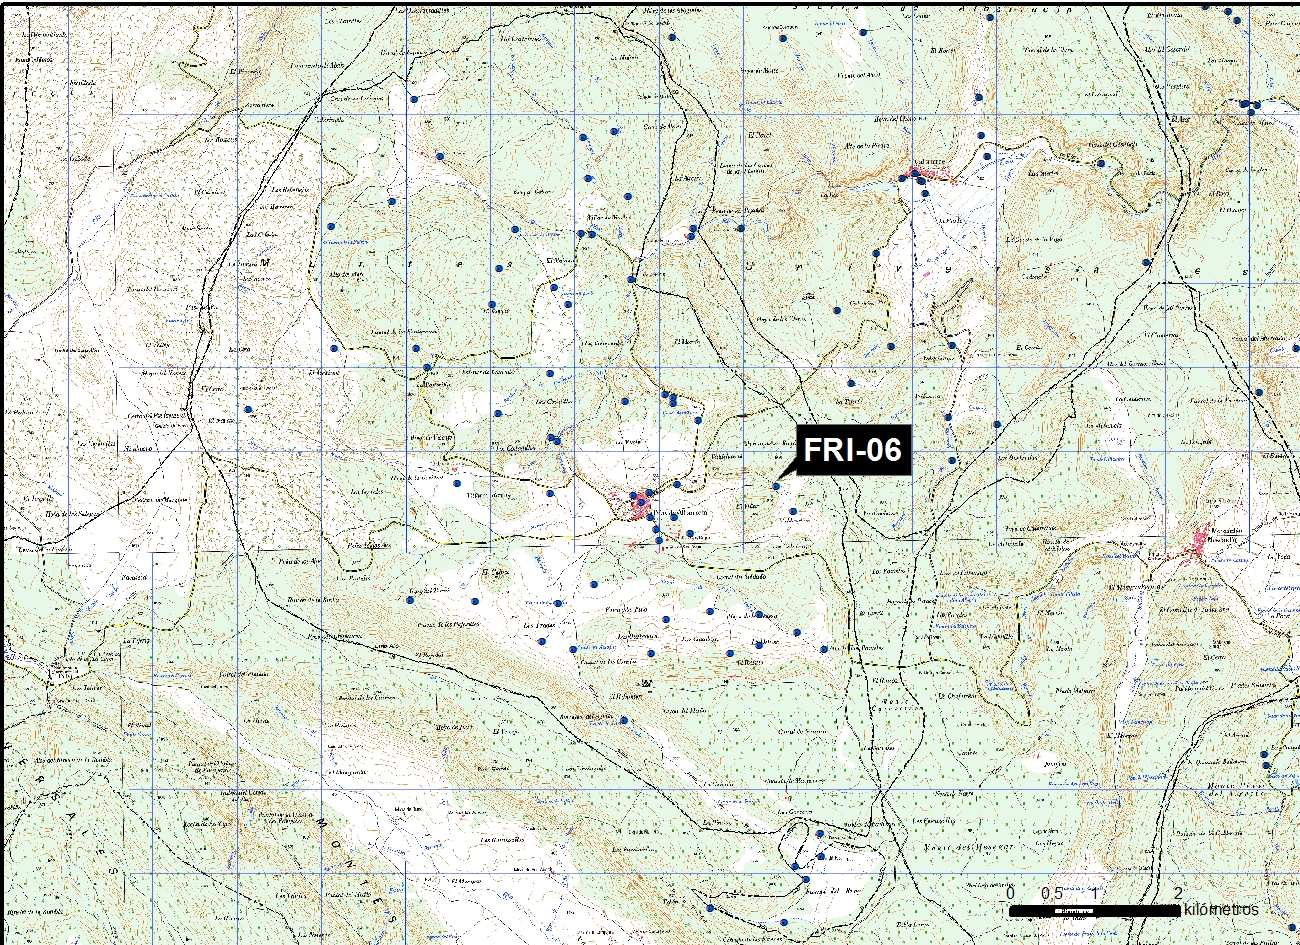 FRI_06_M.V.LOZANO_VALDEVALERO_MAP.TOPO 1